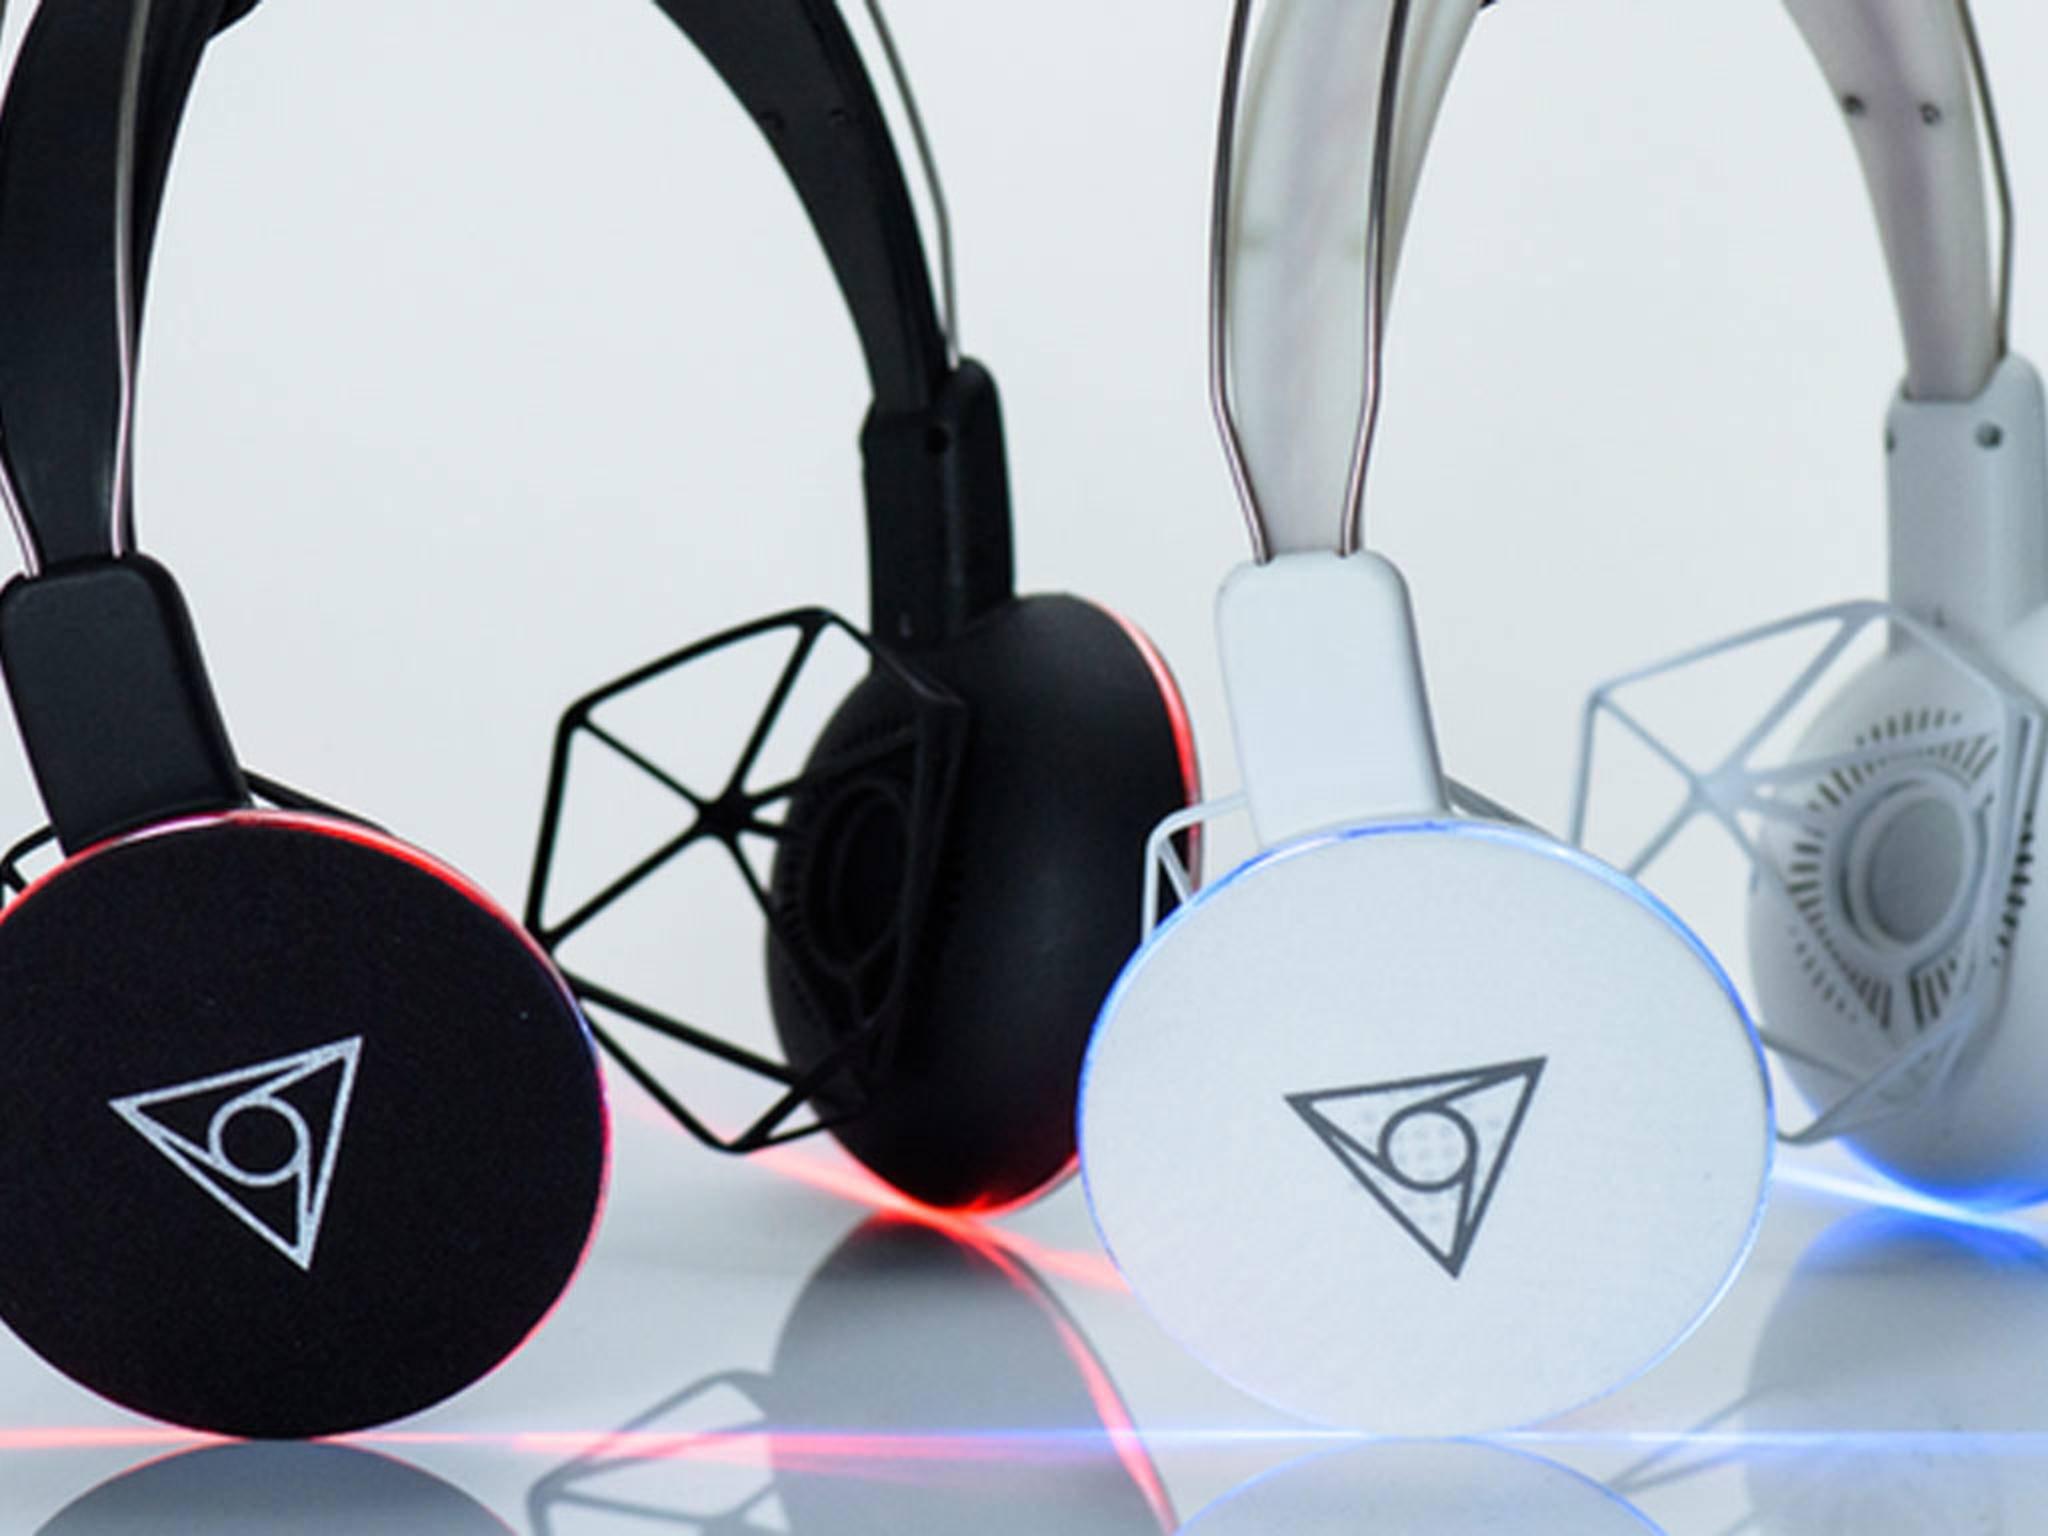 Interessante Idee: Die Kopfhörer mit dem Rahmen.